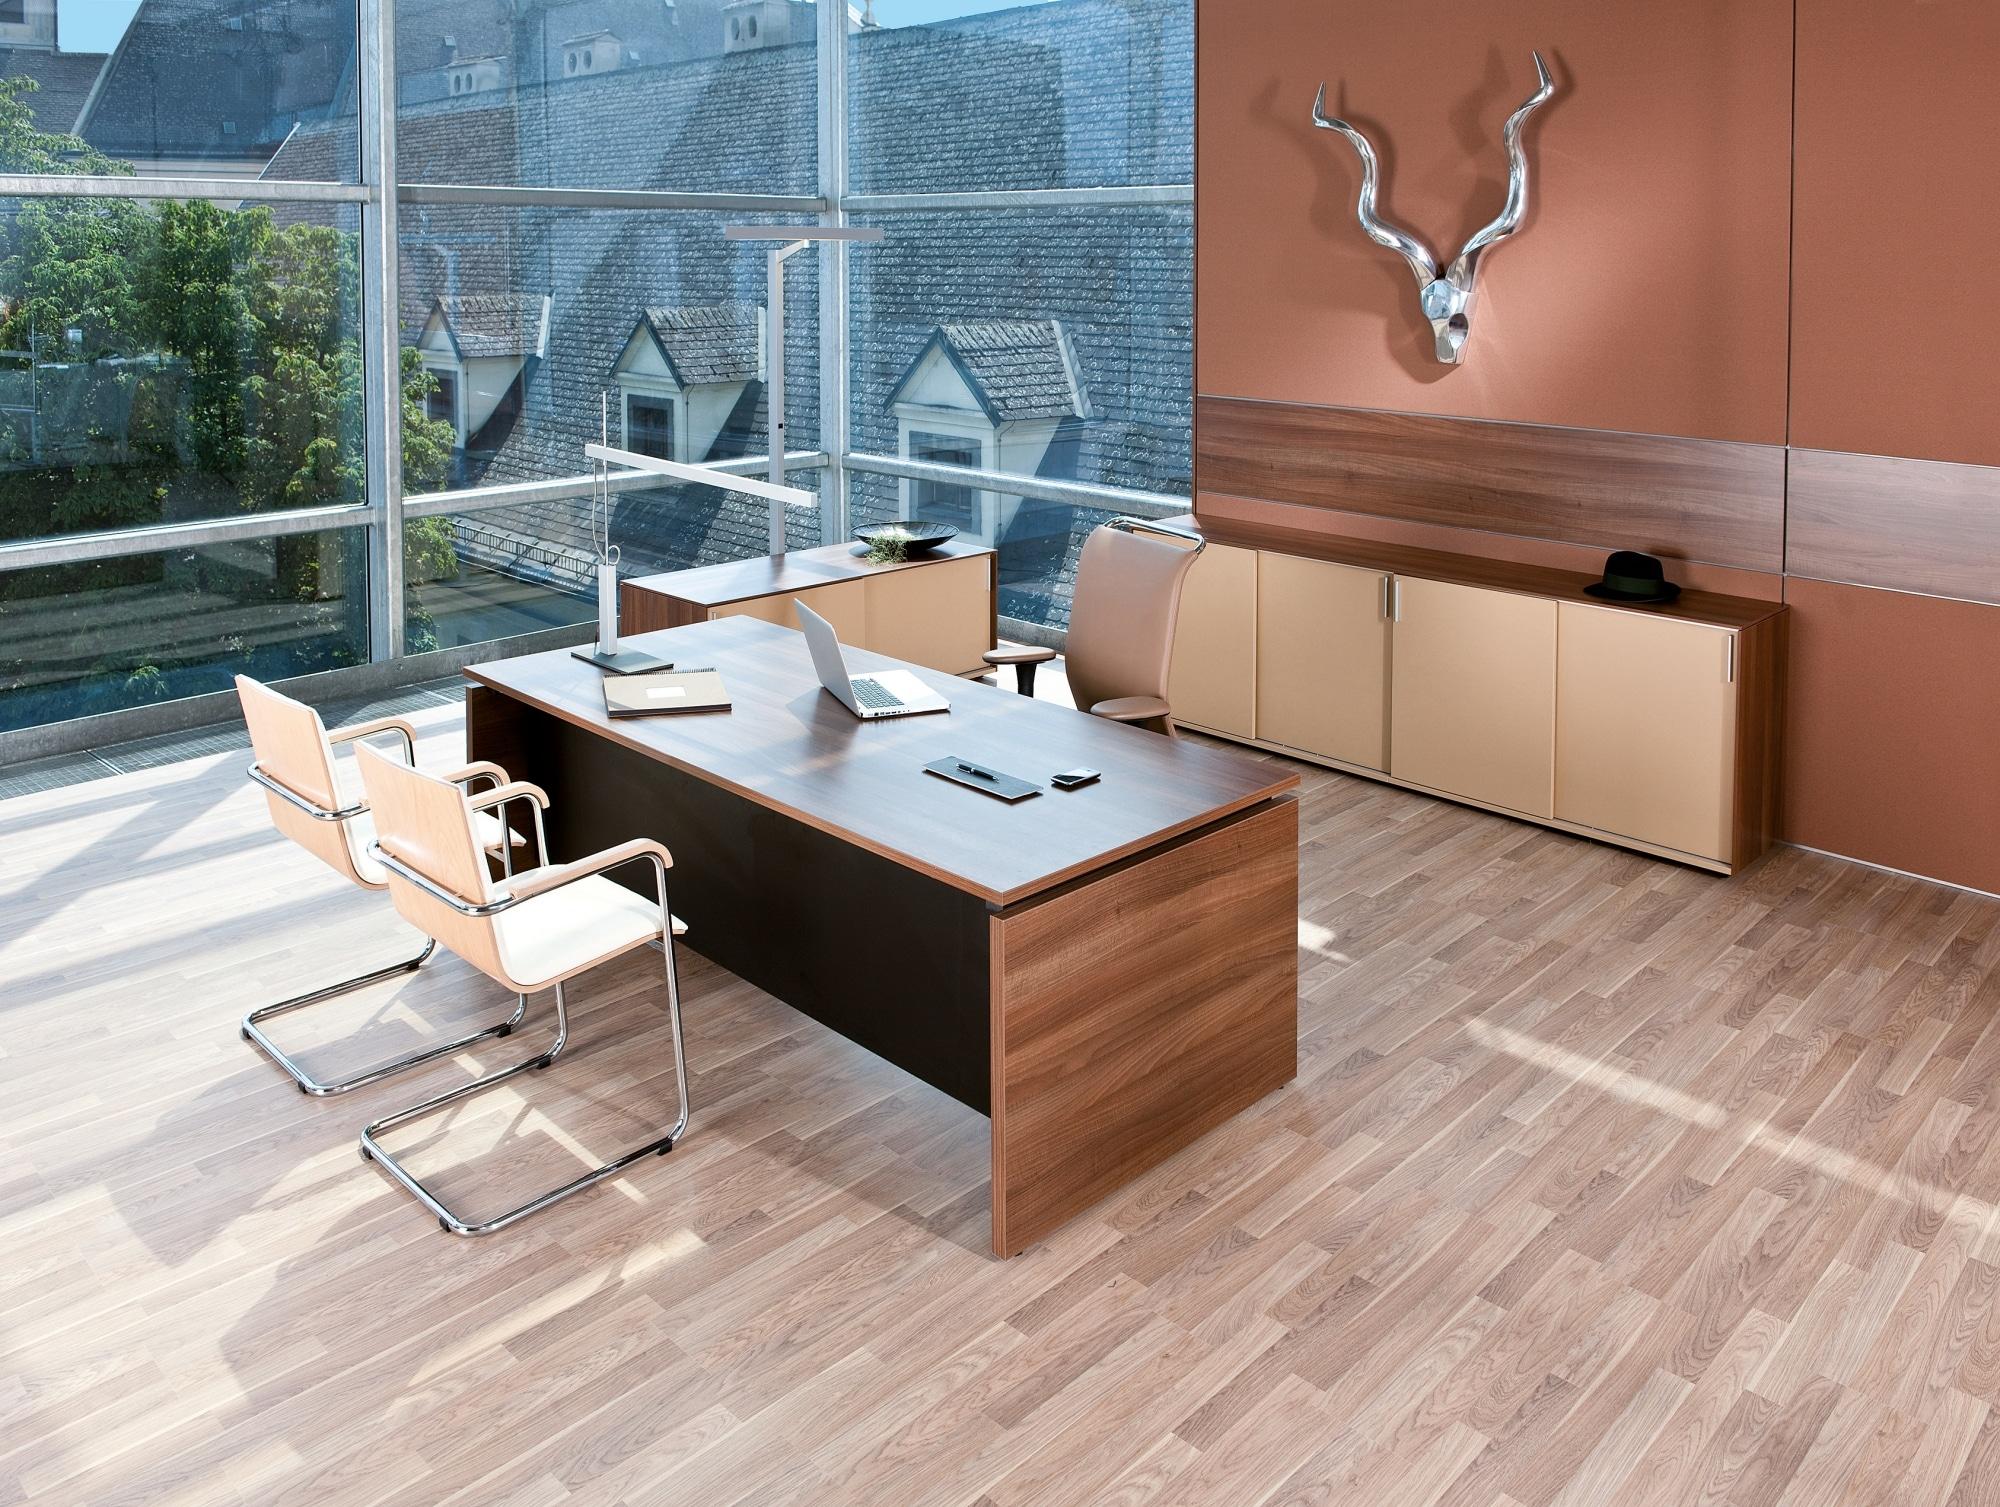 hali Büromöbel, s550, Rechtecktisch, Schreibtisch, Büroarbeitstisch, arbeiten, Büro, Office, Tisch